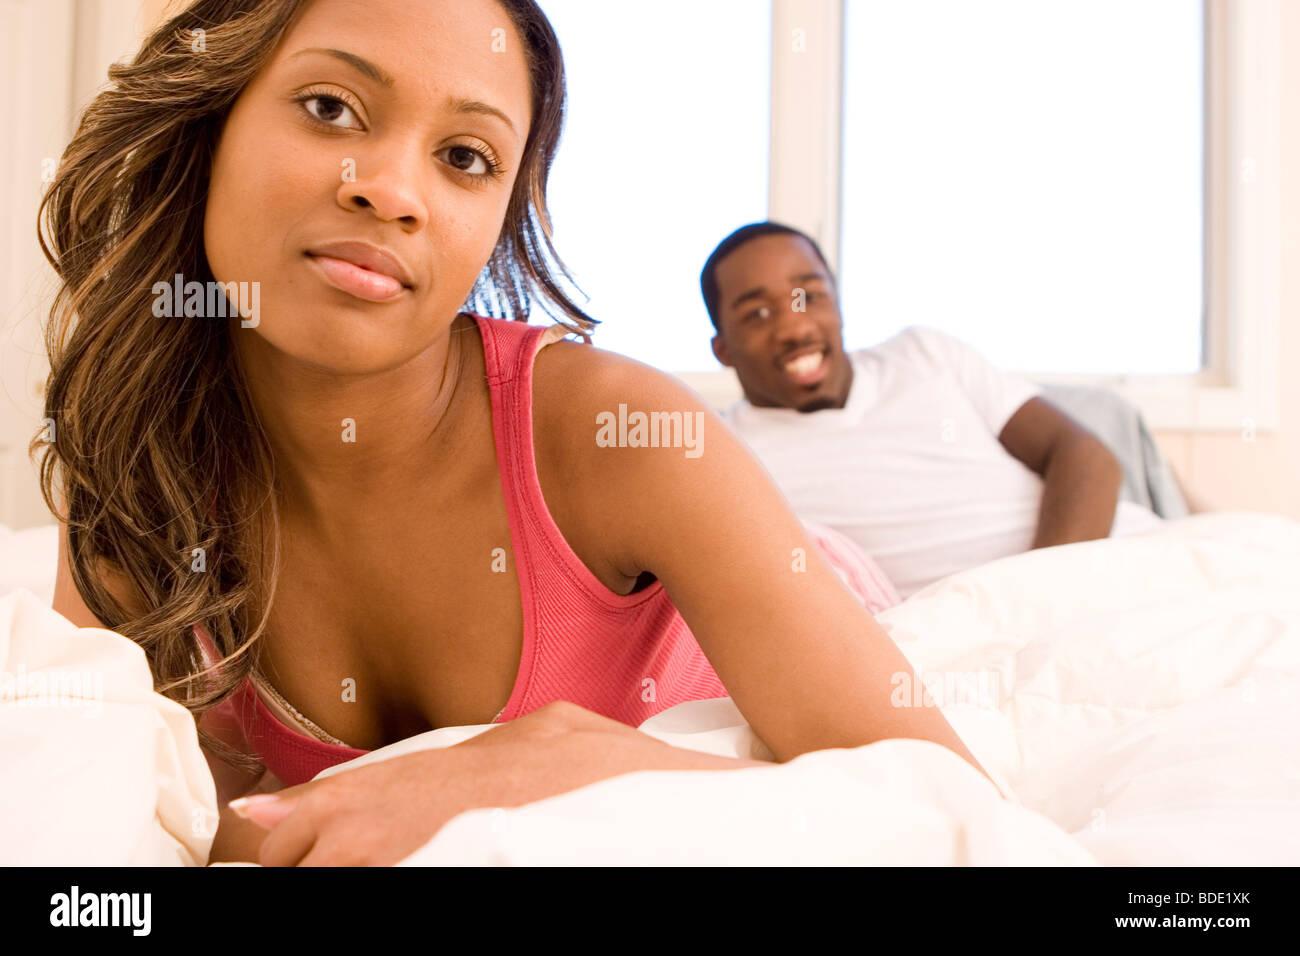 Paar im Bett. Stockbild